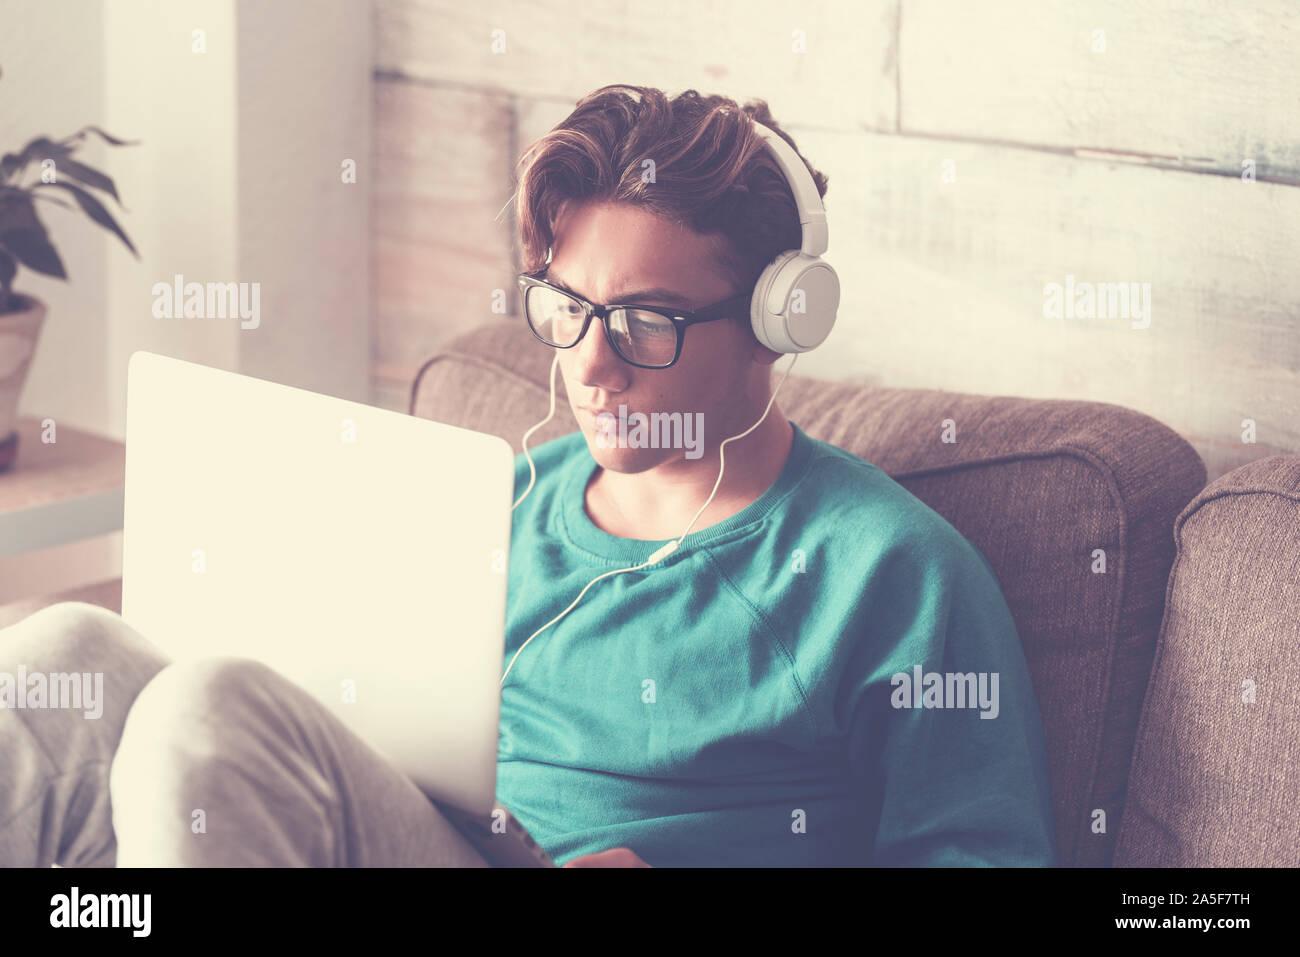 Jeune étudiant à la maison avec un ordinateur portable moderne et étudie avec casque cnnection internet - beau garçon assis sur le canapé avec la technologie dans Banque D'Images